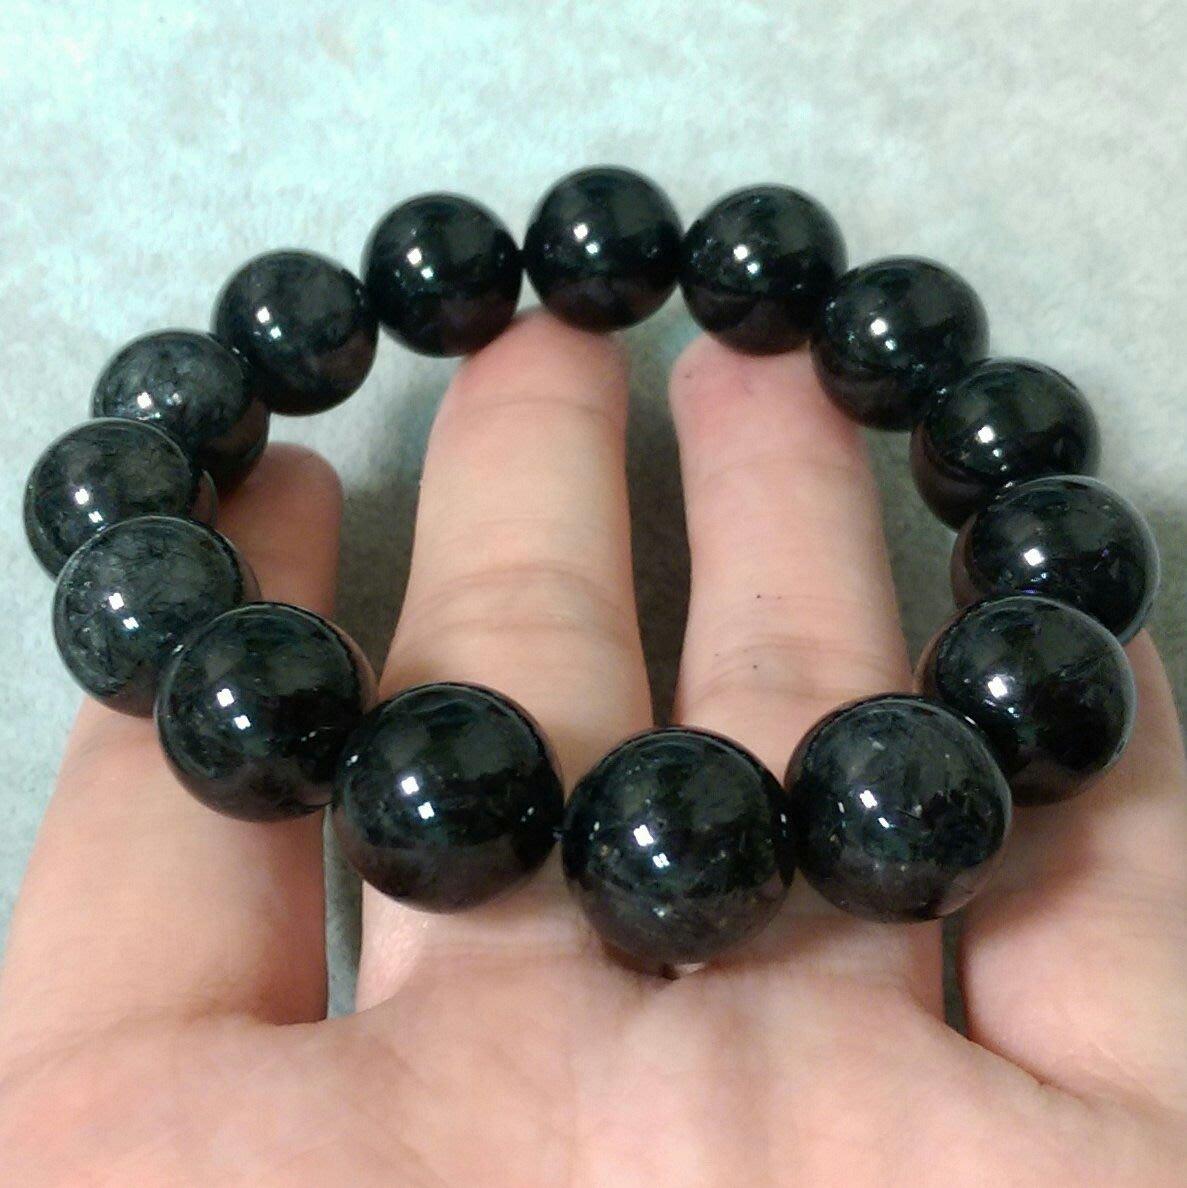 09054 爆絲黑髮水晶 黑髮手珠 黑鈦手珠 35克/11mm 能量強 黑髮水晶手珠